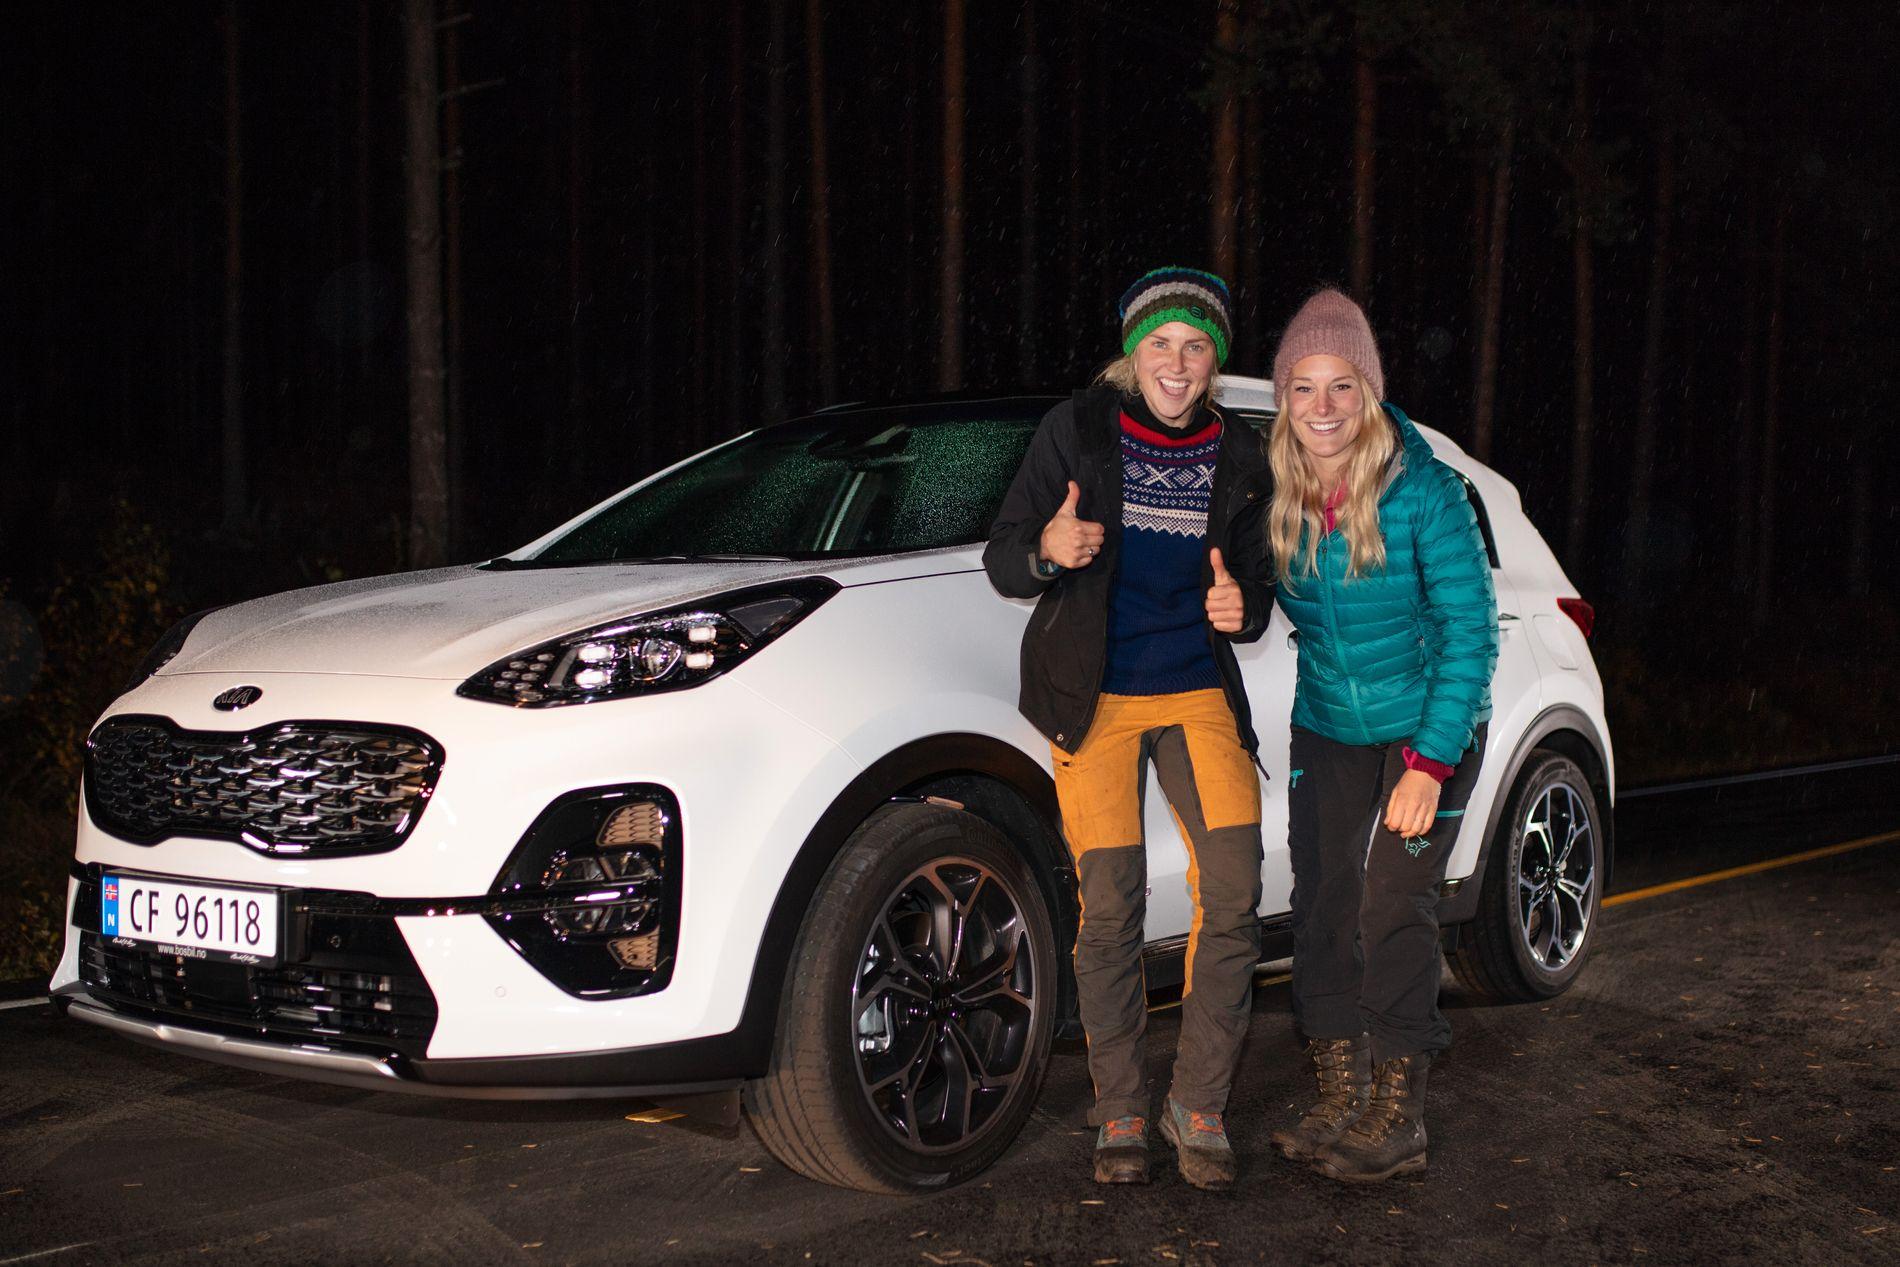 VANT HYTTE OG BIL: Tonje får denne bilen, samt en hytte, etter å ha vunnet «Farmen». Det kommer nok godt med for kjæresten Lene Sleperud (29) også.